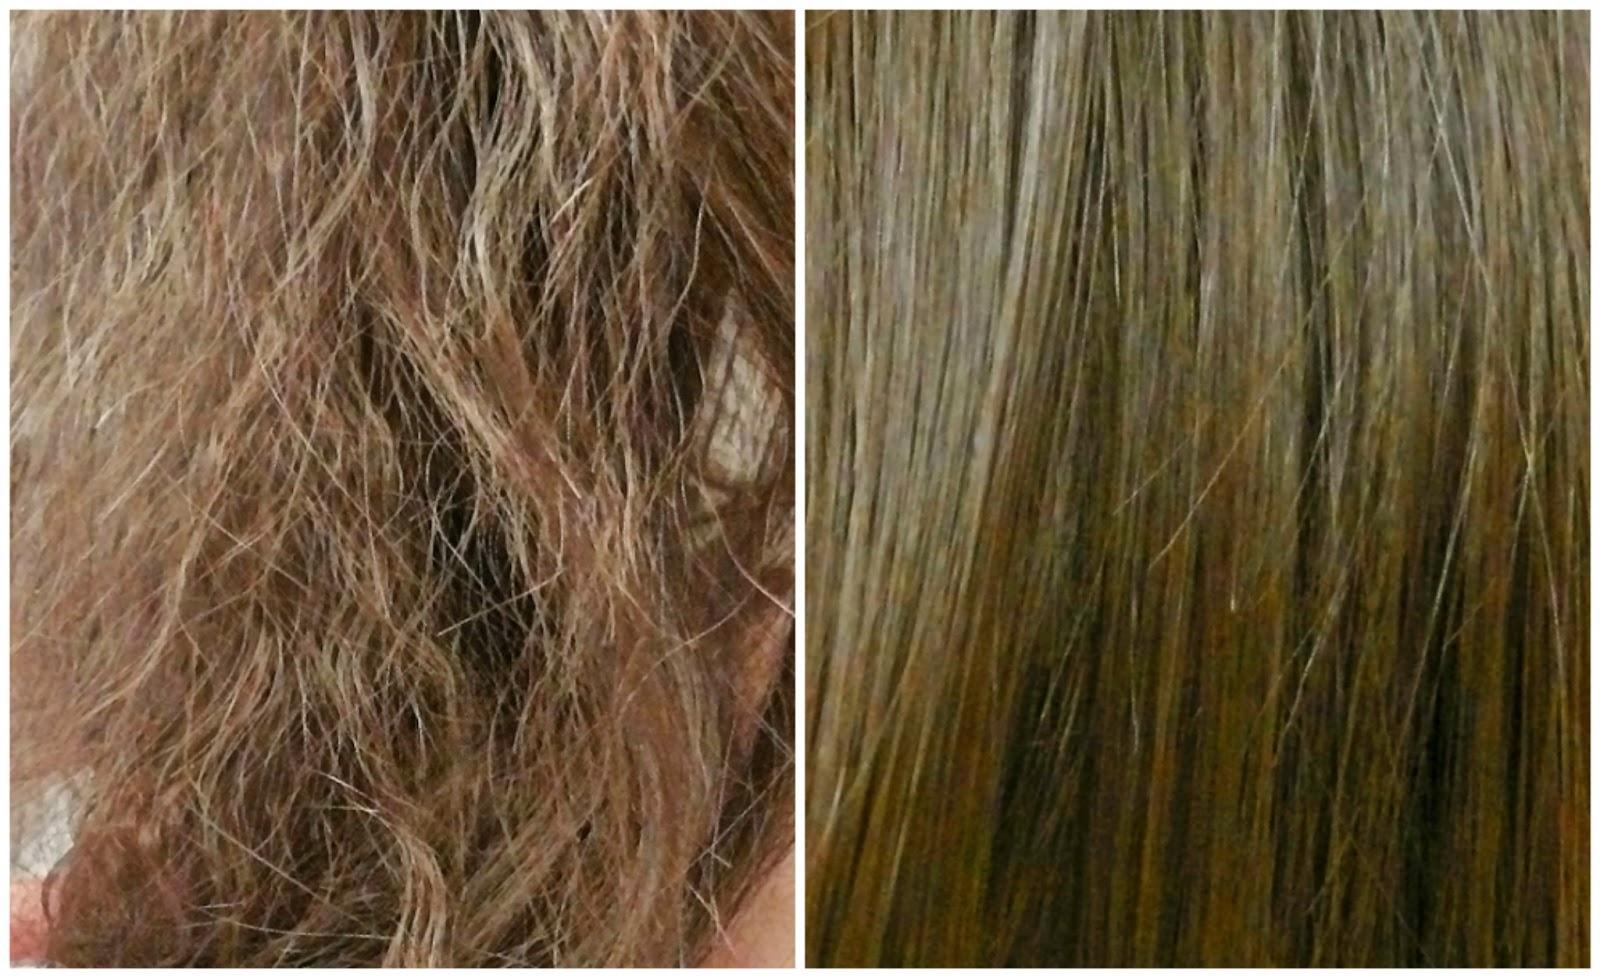 6c853c231 تريدين علاج الشعر التالف النهائي ؟ إليك علاجات منزلية سهلة التحضير